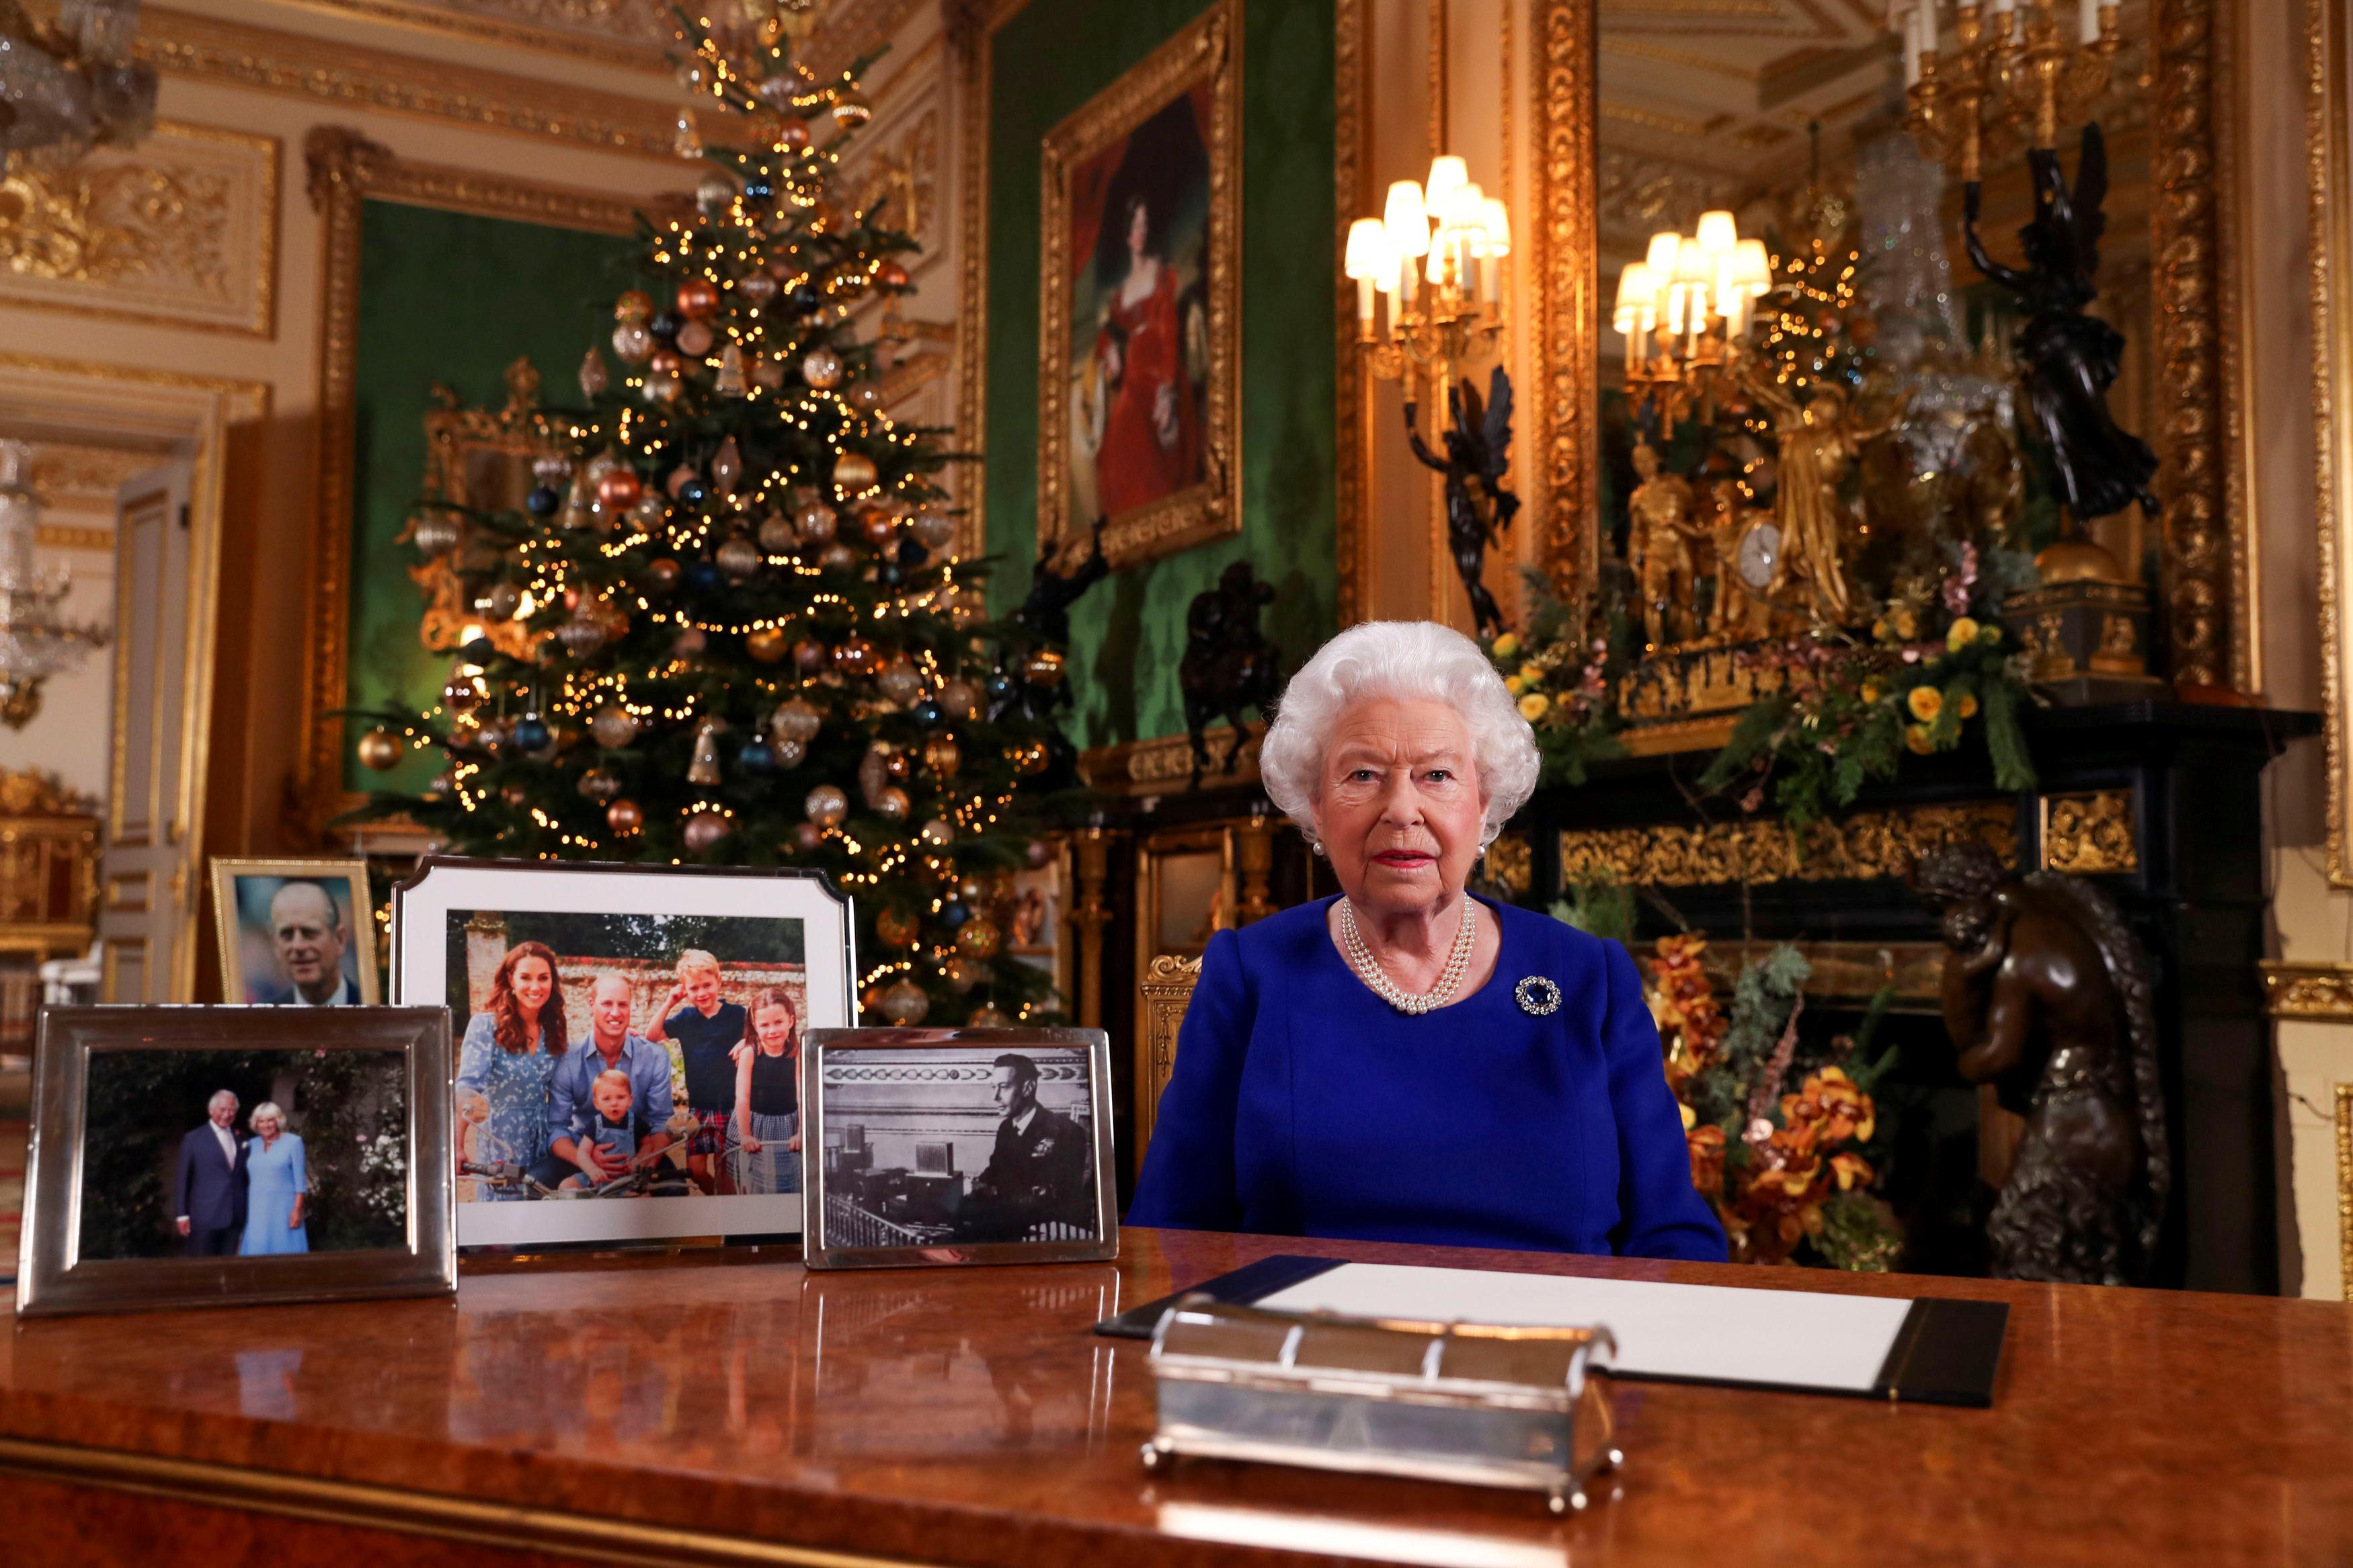 英国女王伊丽莎白二世周三发表圣诞谈话,她向年轻一辈环保运动人士致敬。-路透社-